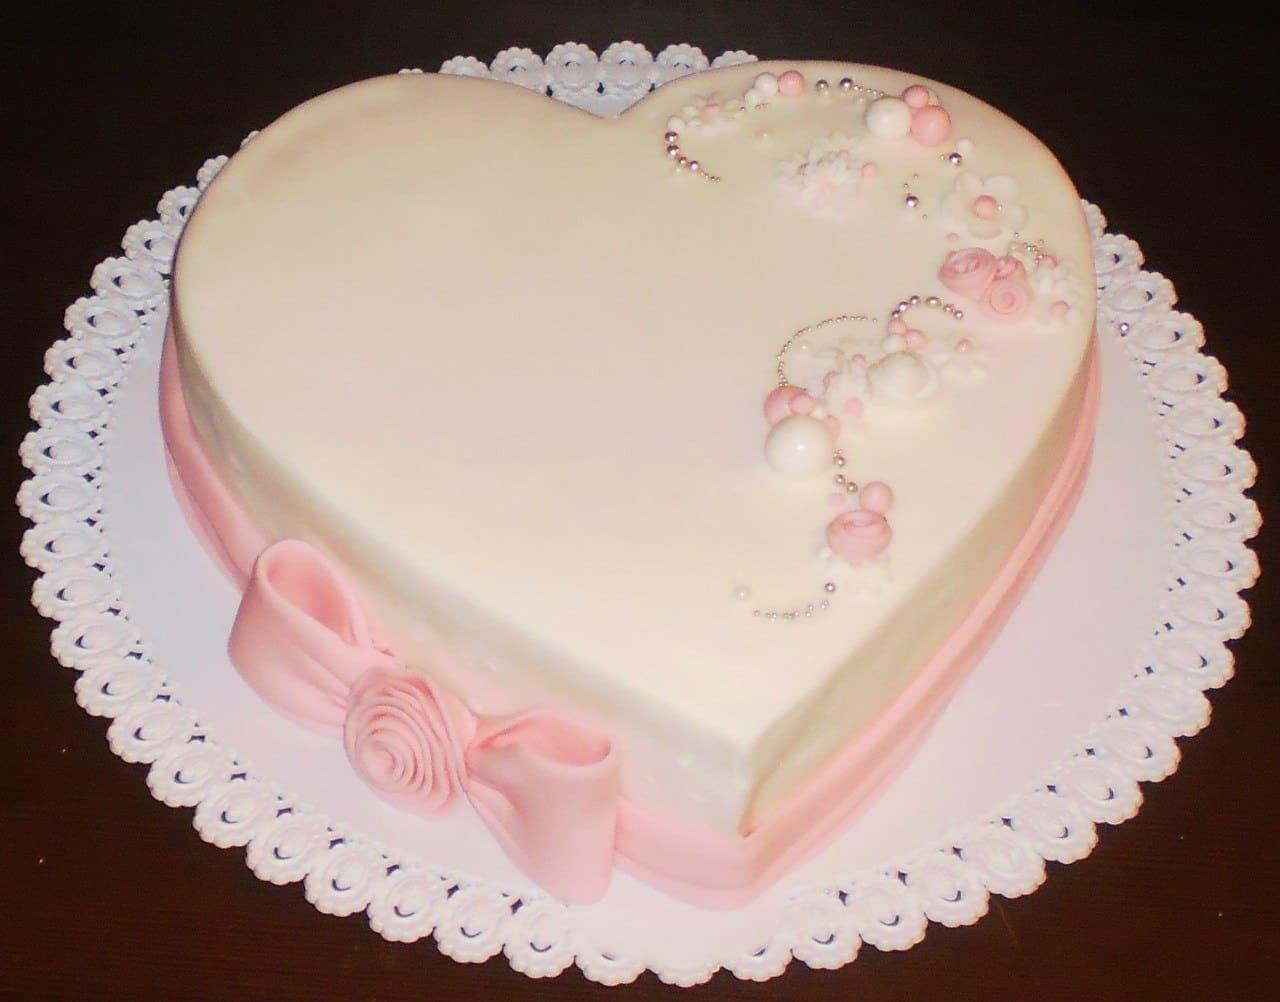 ровная свадебный торт фото одноярусный без мастики отели